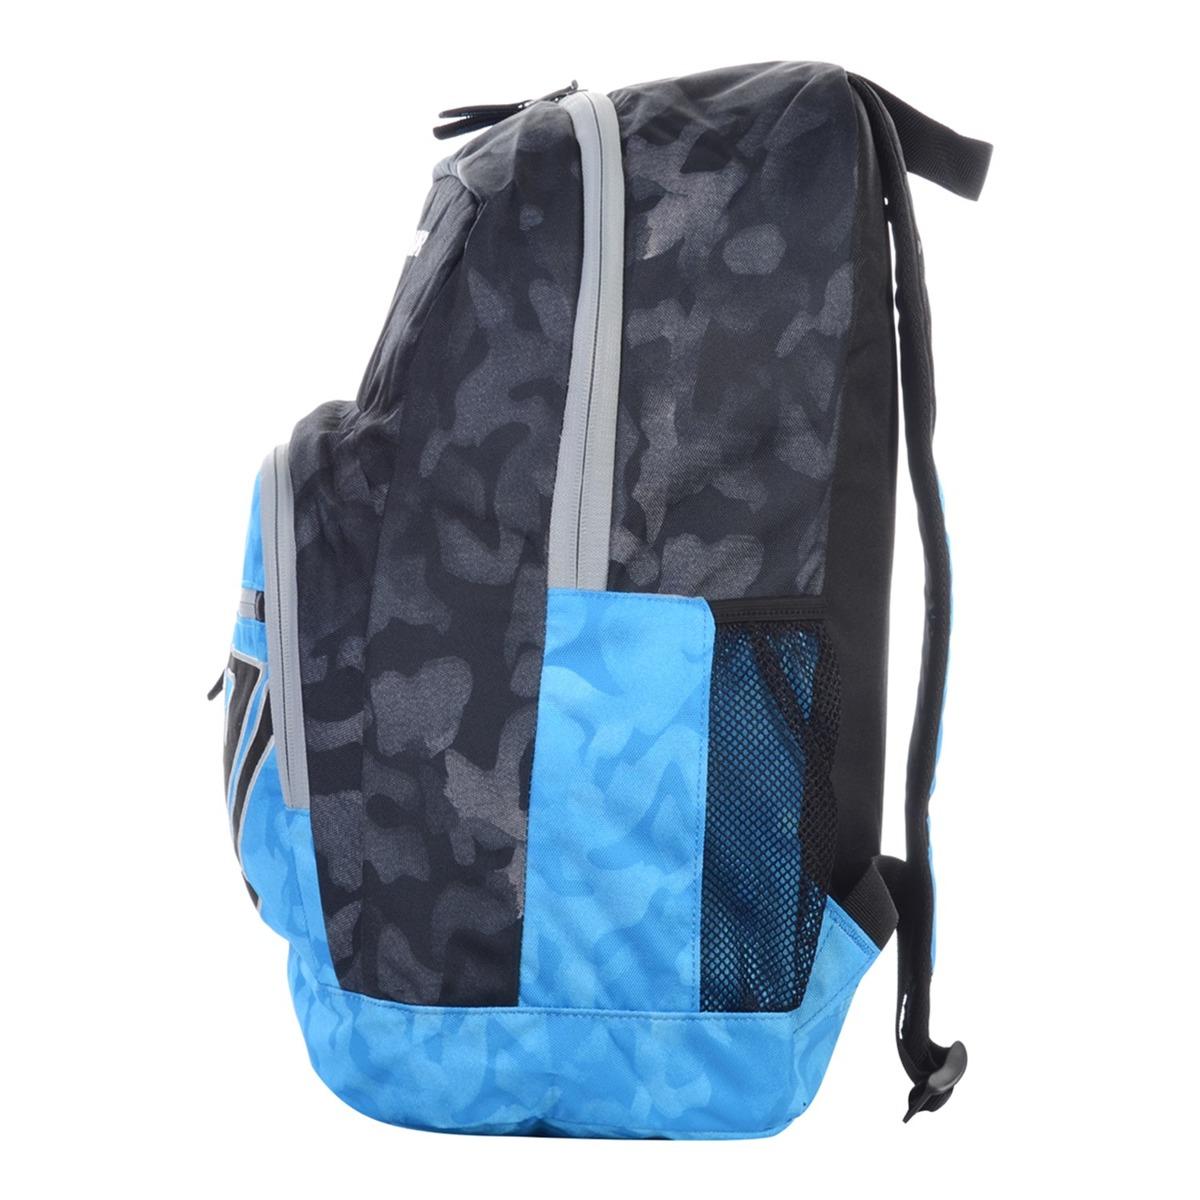 Mochila Quiksilver Pr Shoolie Imp 25l Azul - R  239,90 em Mercado Livre 56bc466231